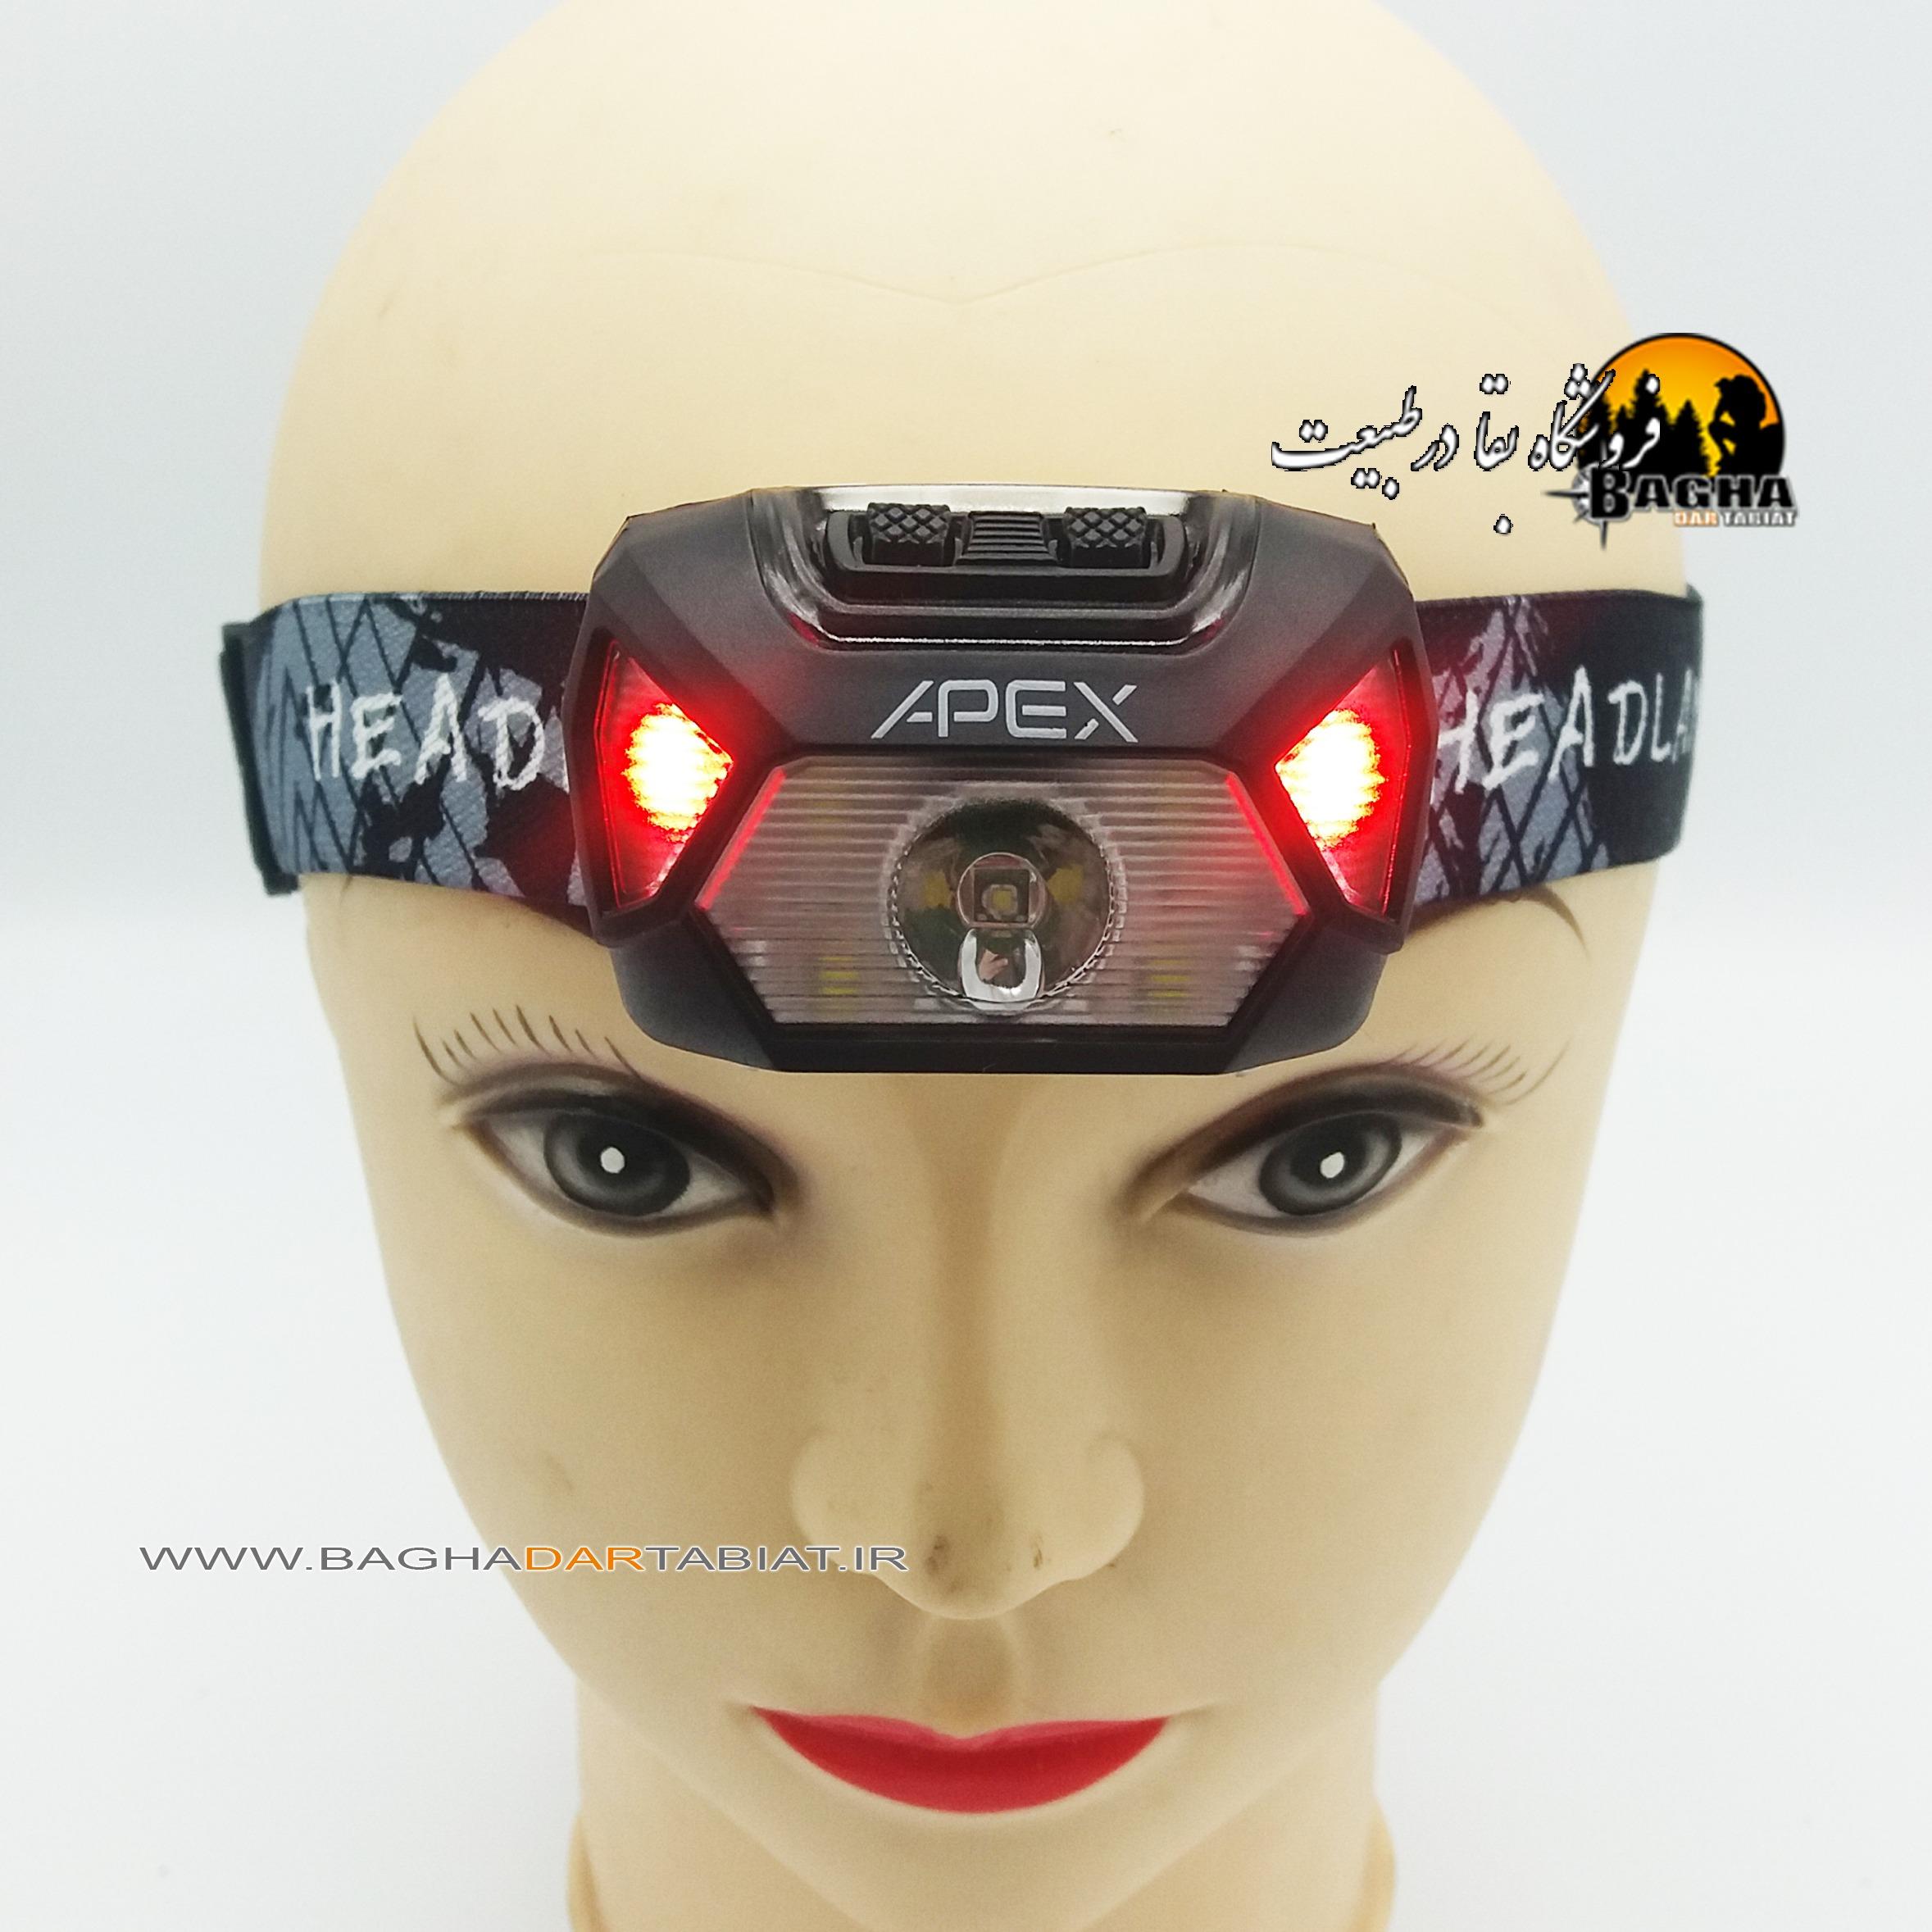 چراغ پیشانی شارژی APEX